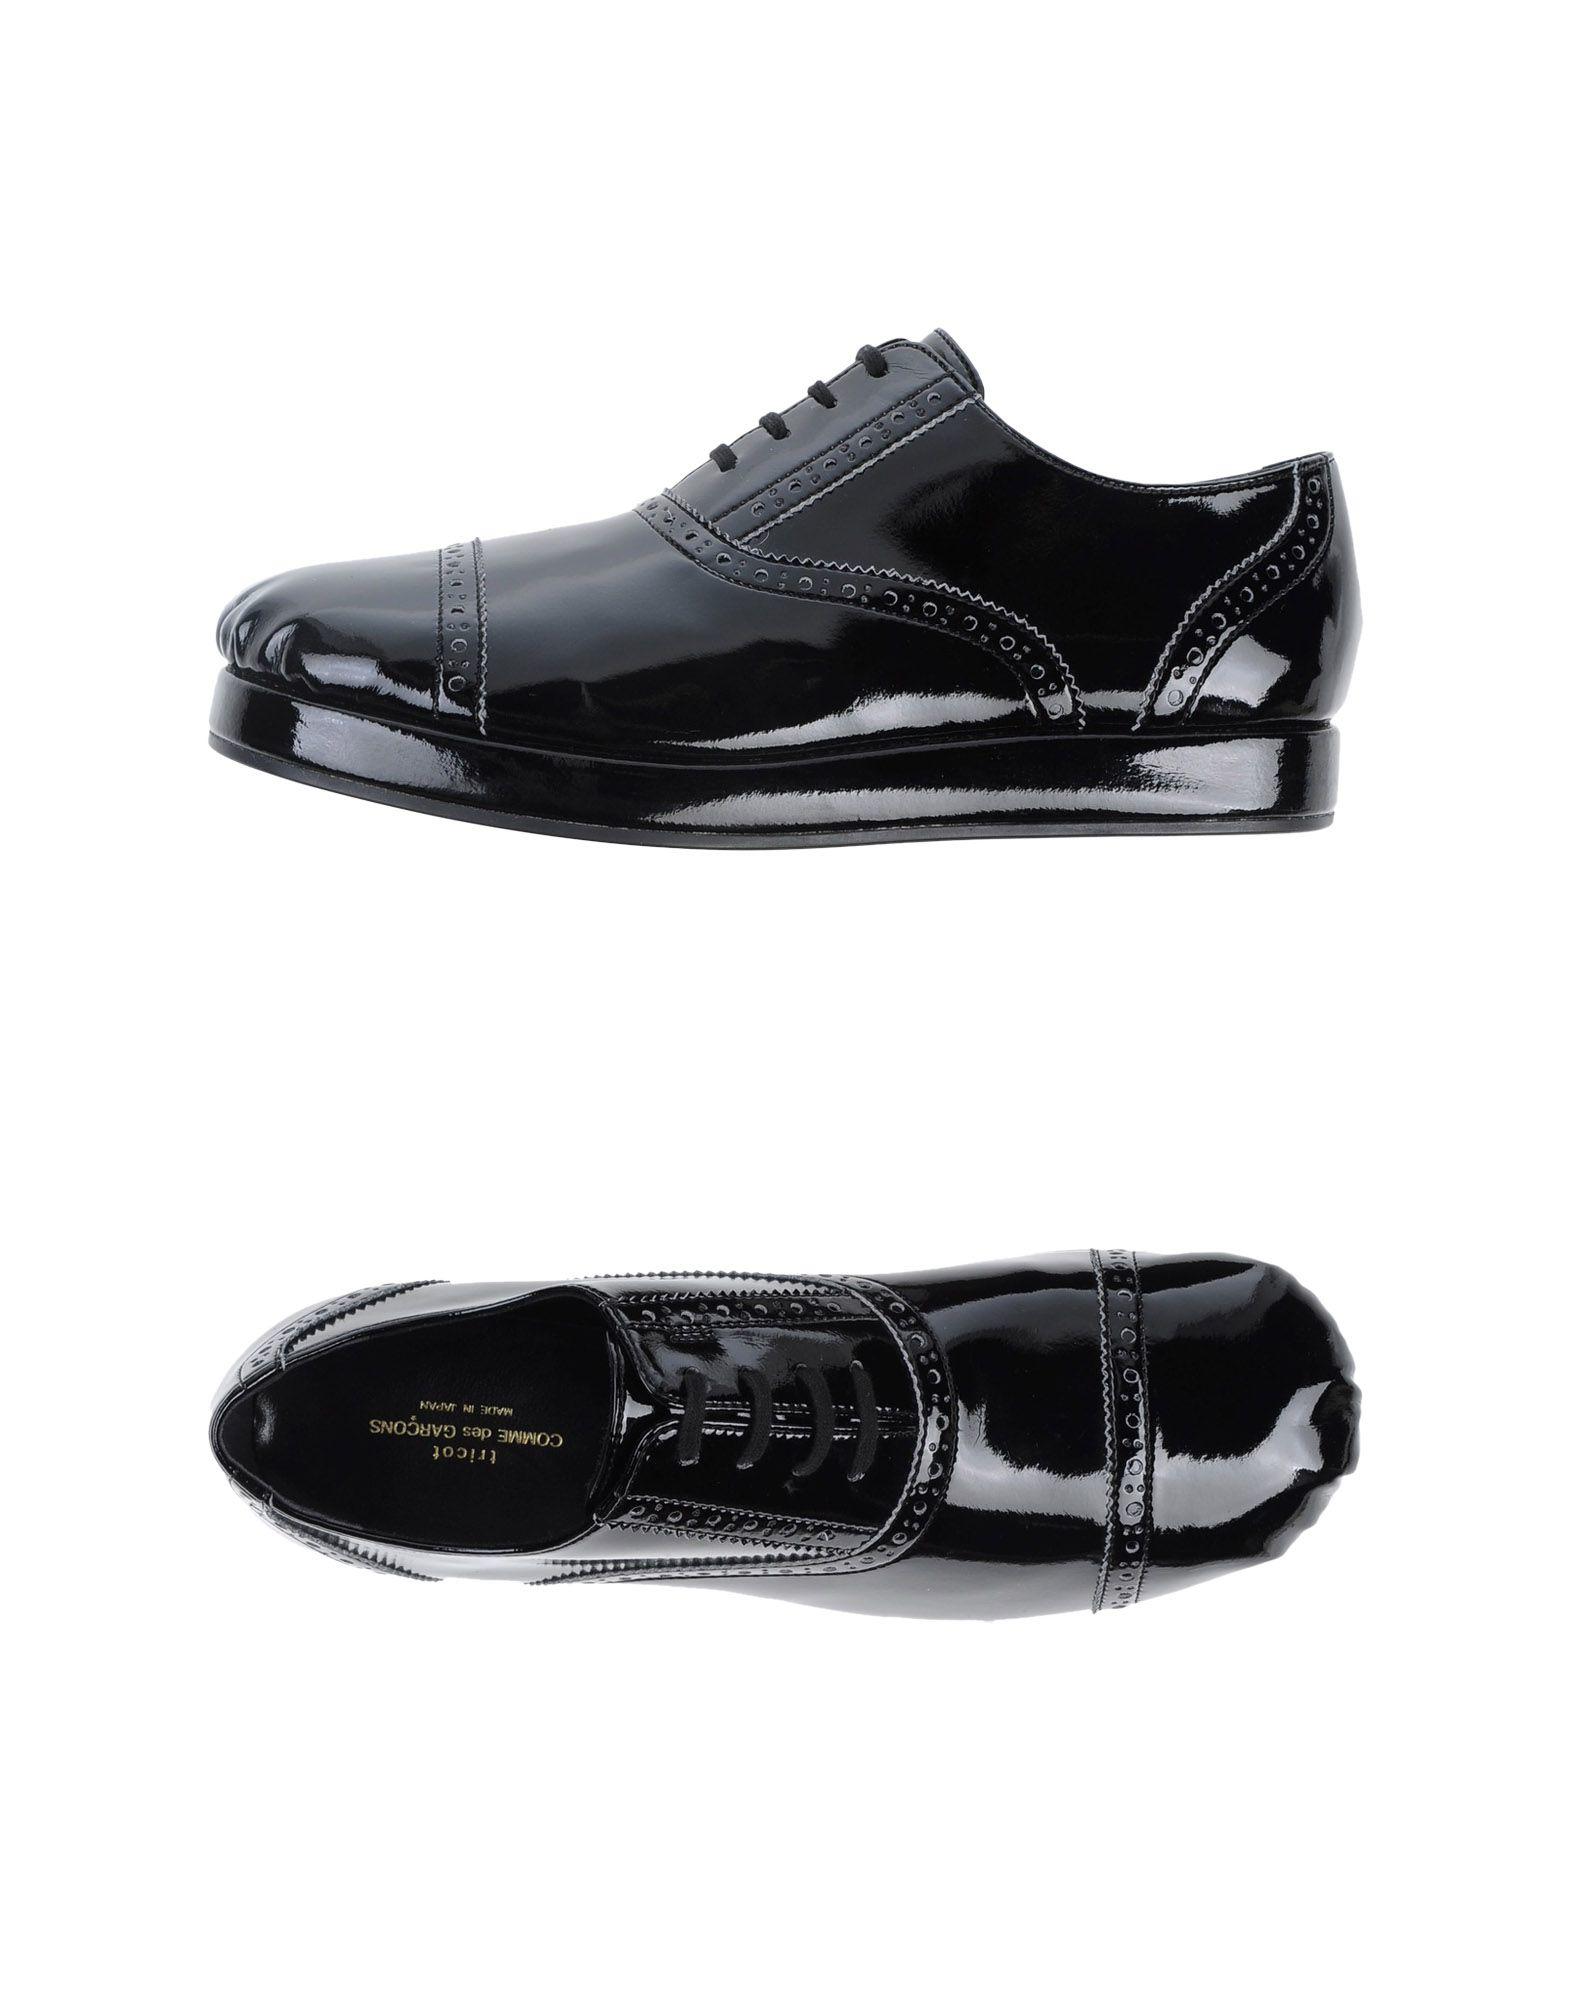 d809d28c251d74 Lyst - Comme Des Garçons Tricot Lace-up Shoes in Black